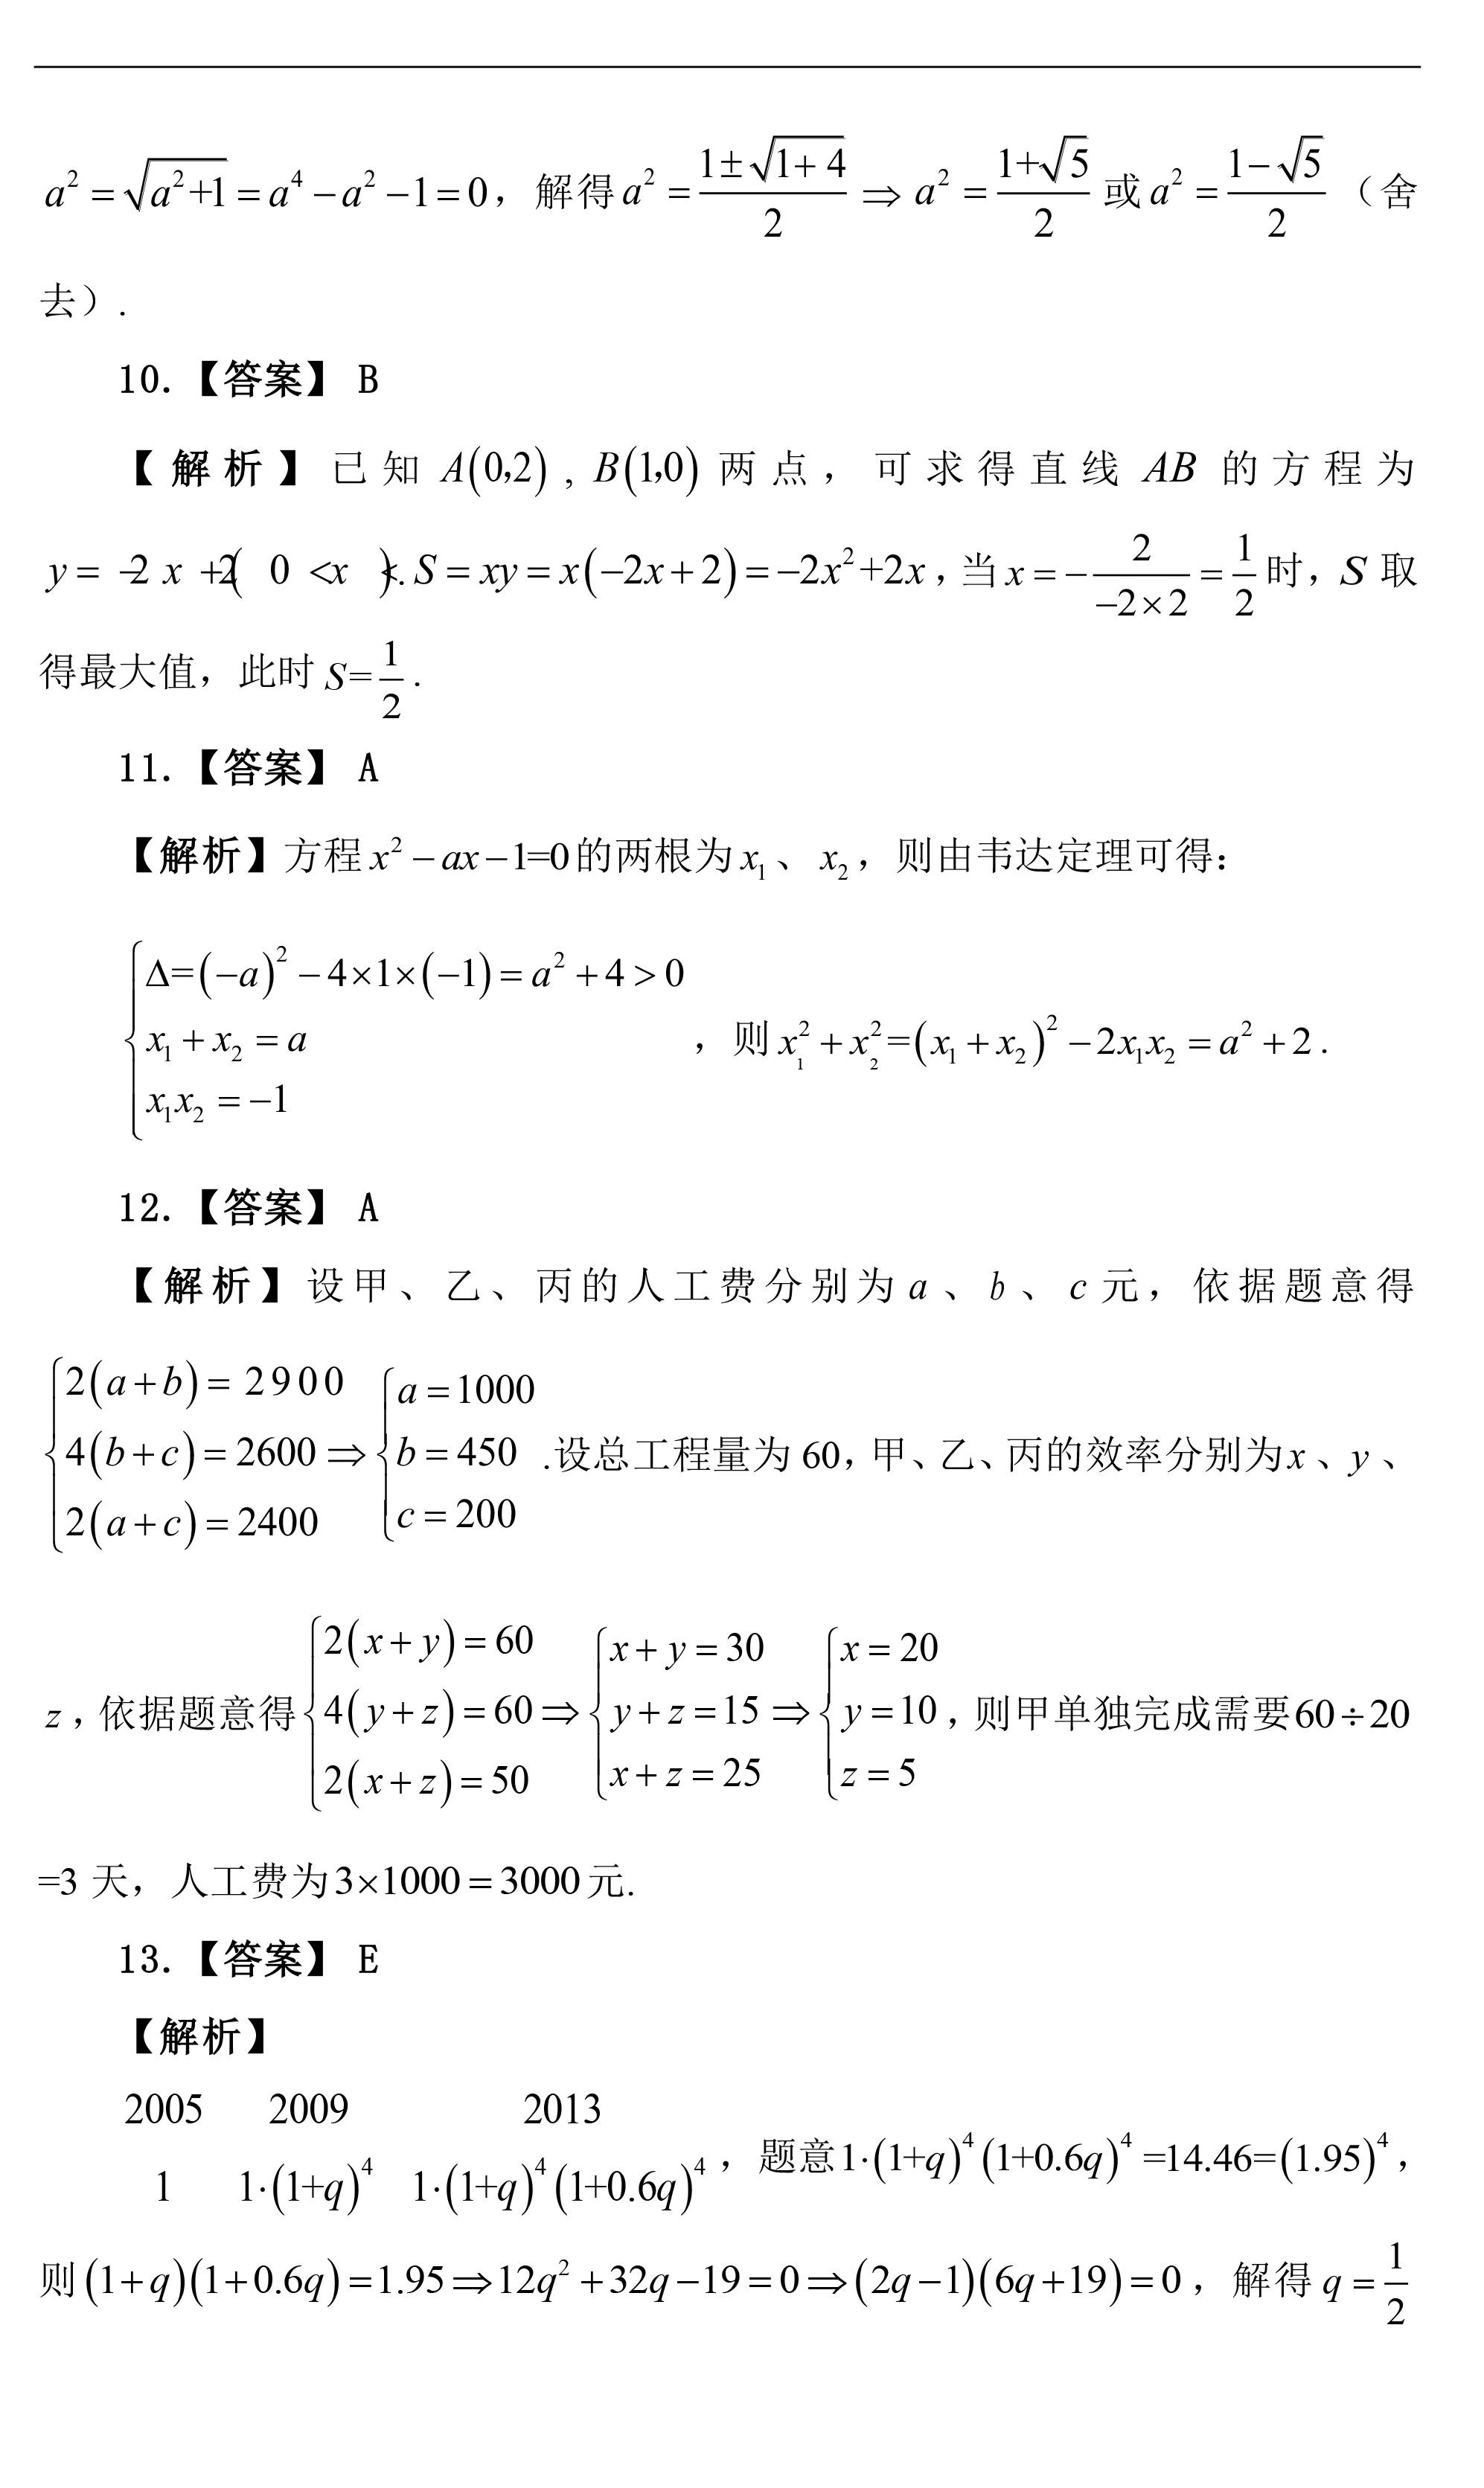 真题试卷集-综合-2014~2018-解析-22.jpg